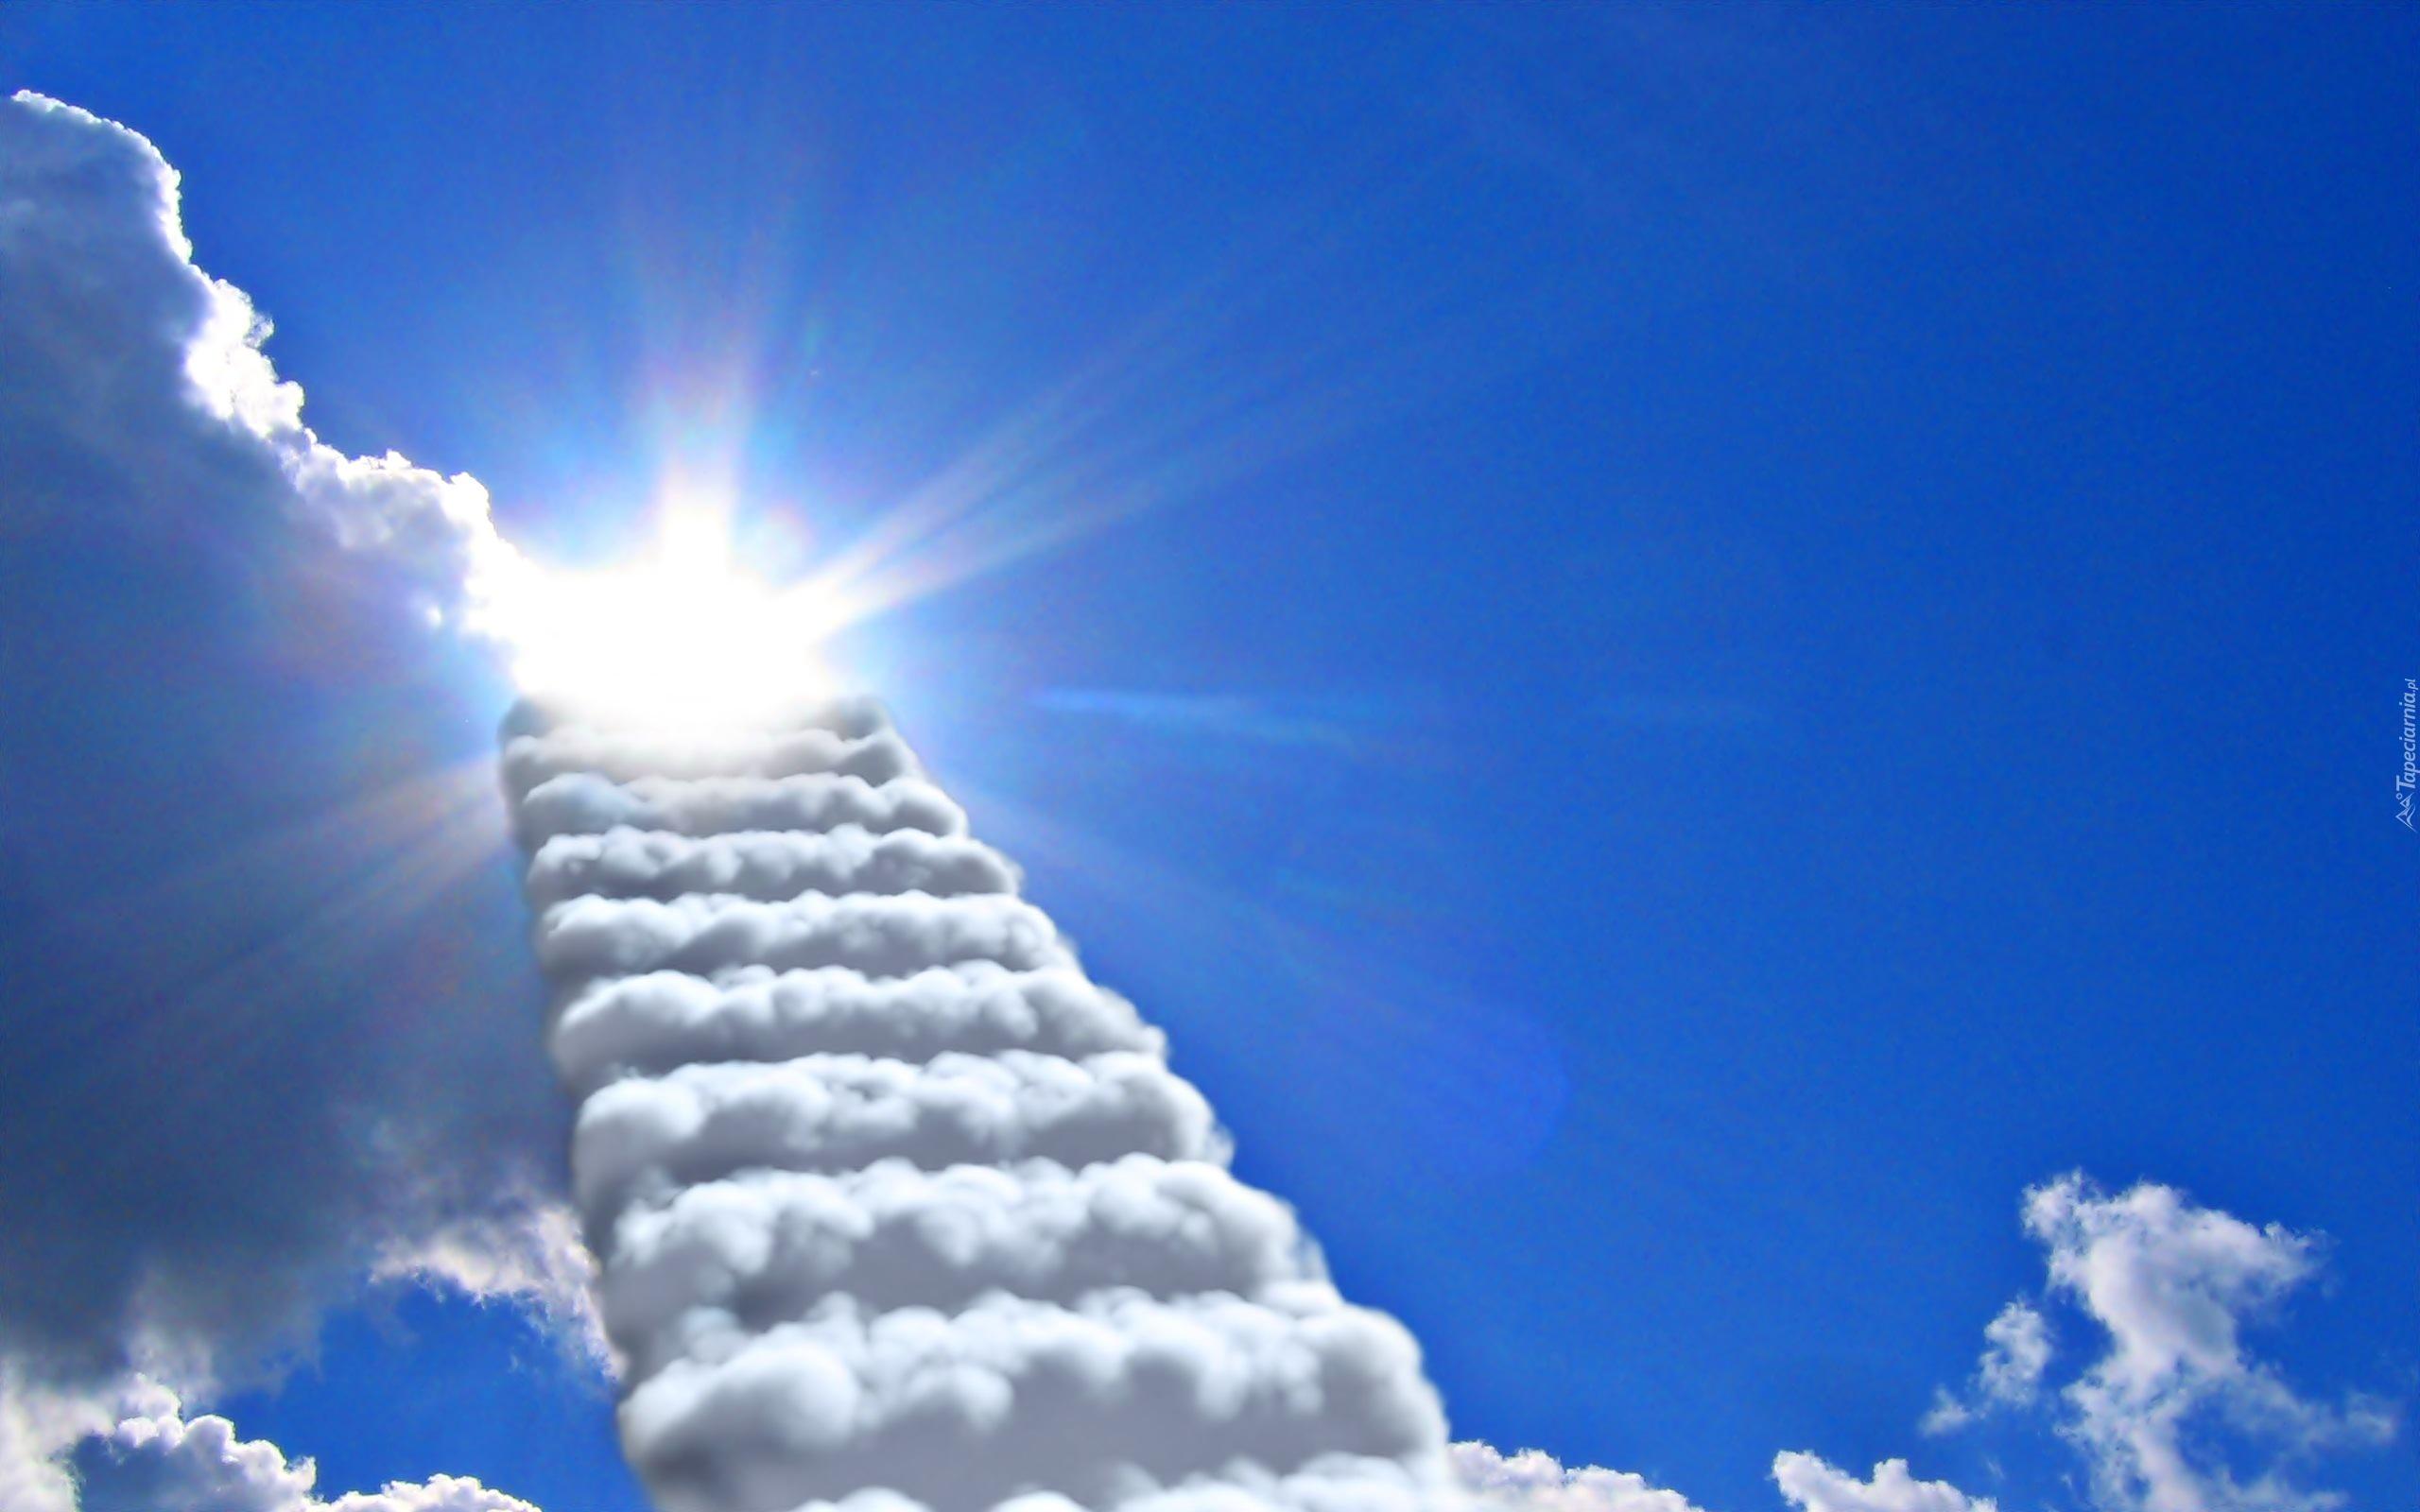 Znalezione obrazy dla zapytania niebo